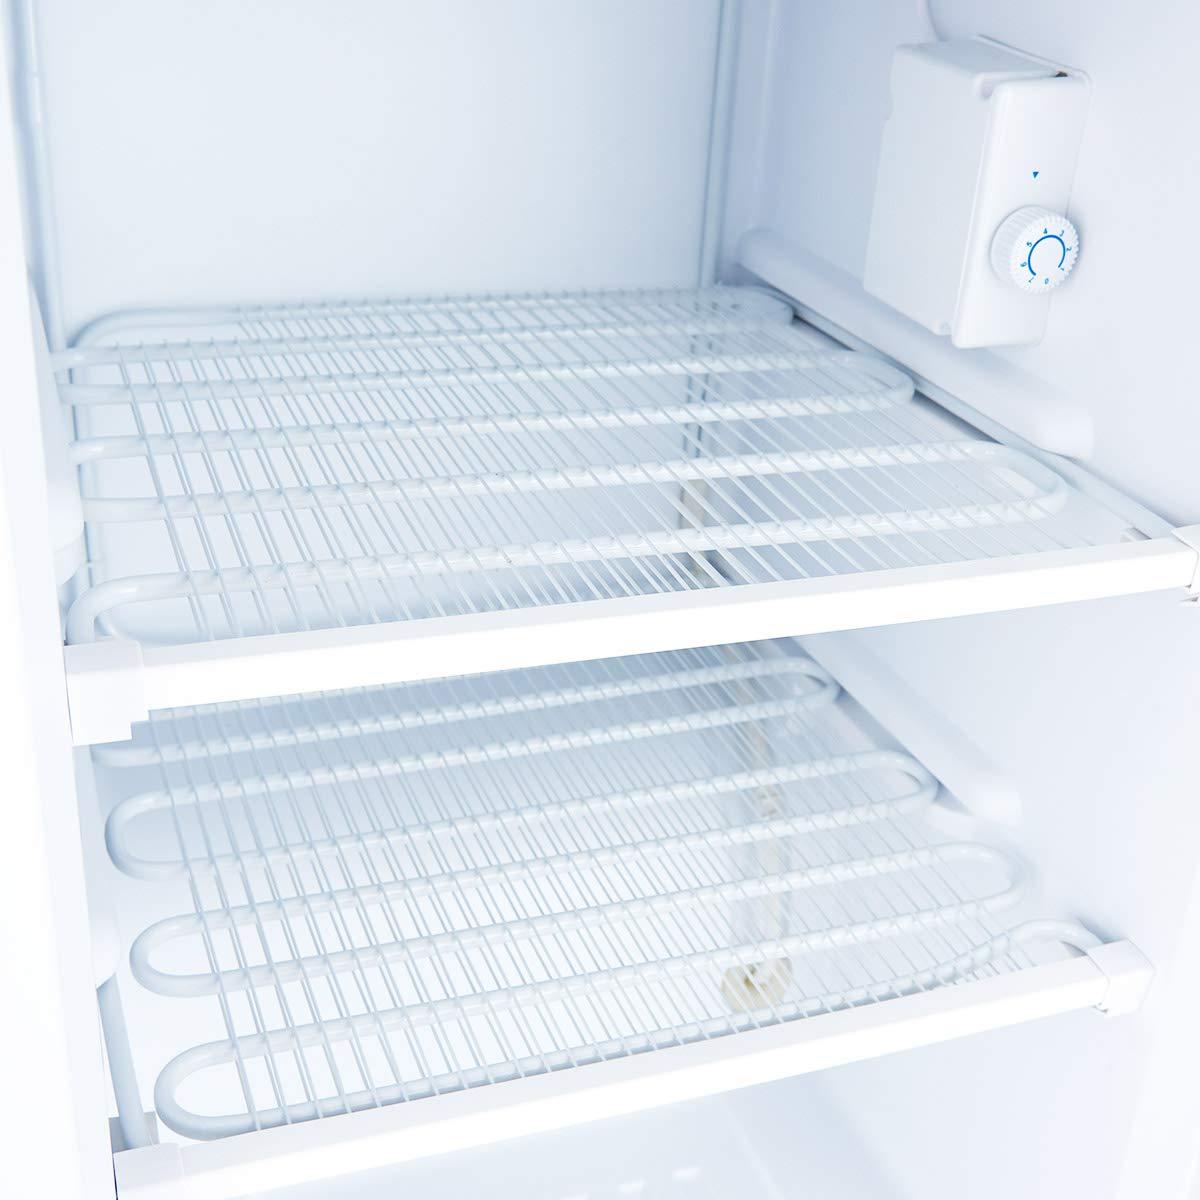 COSTWAY Compact Single Door Upright Freezer - Mini Size with Stainless Steel Door - 3.0 CU FT Capacity - Adjustable by COSTWAY (Image #7)